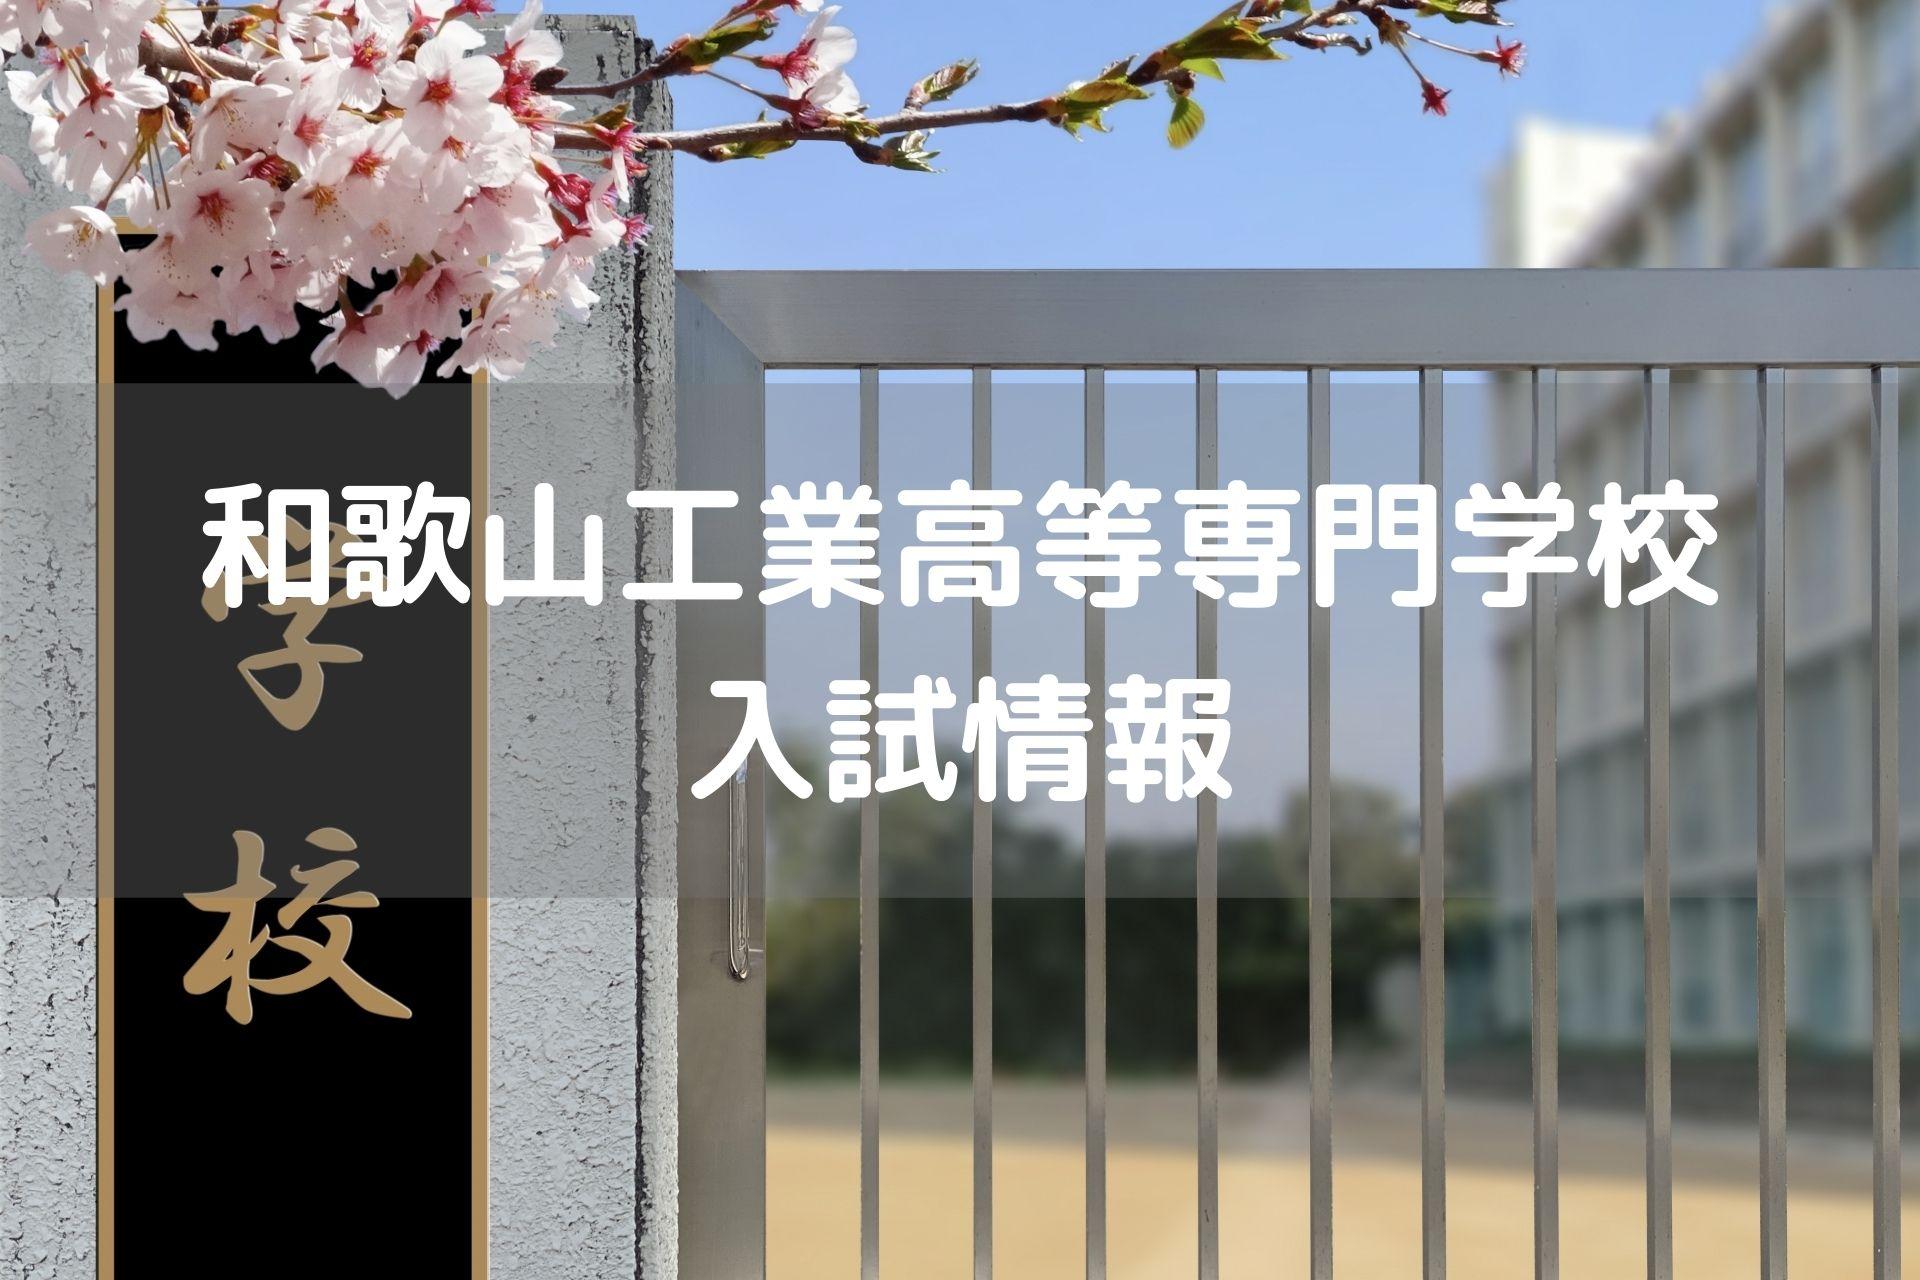 和歌山高専の入試情報